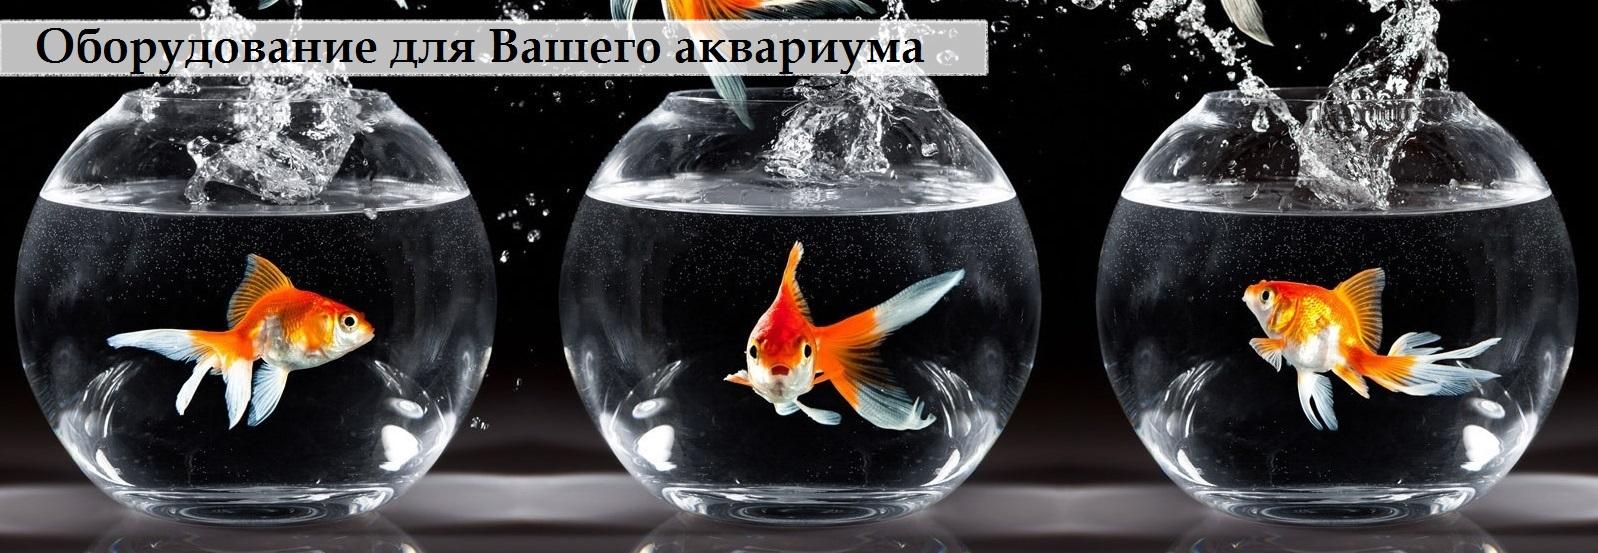 Оборудование для Вашего аквариума